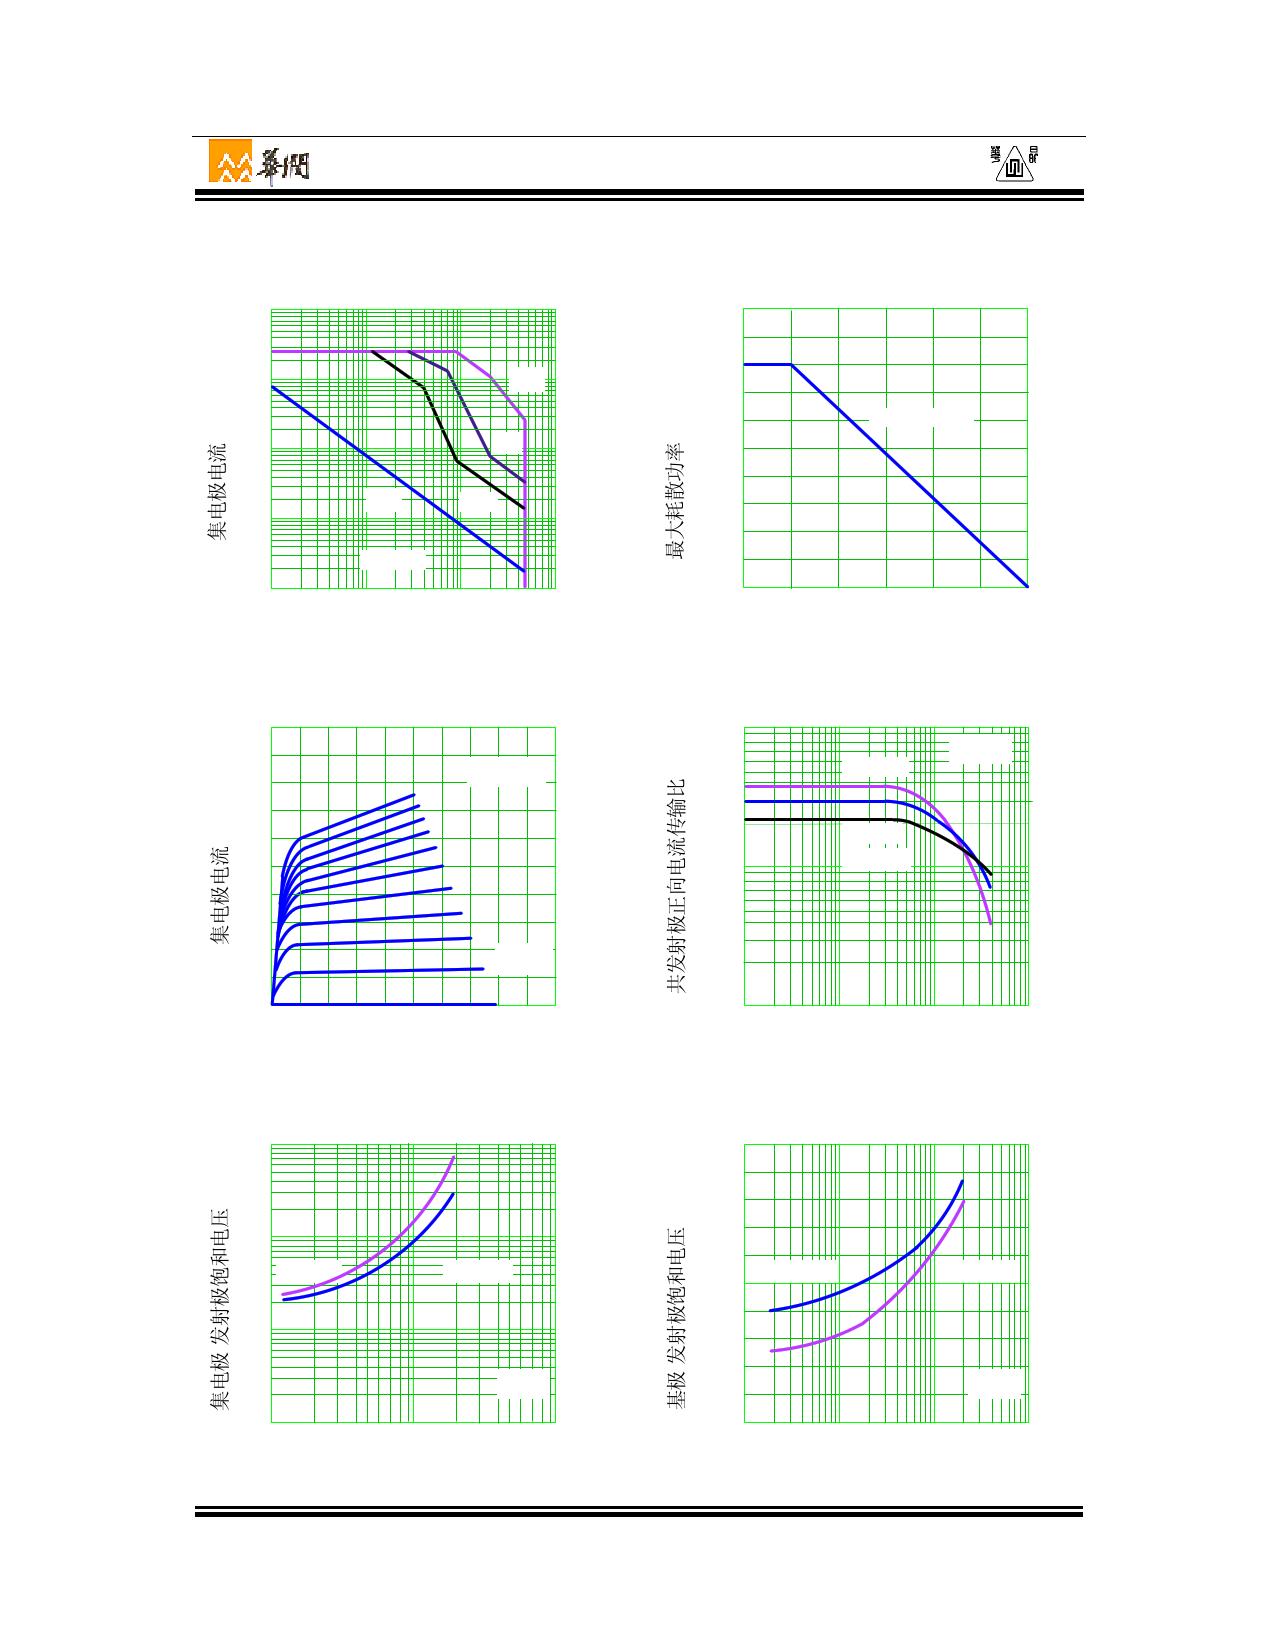 3DD4513A1D pdf, ピン配列